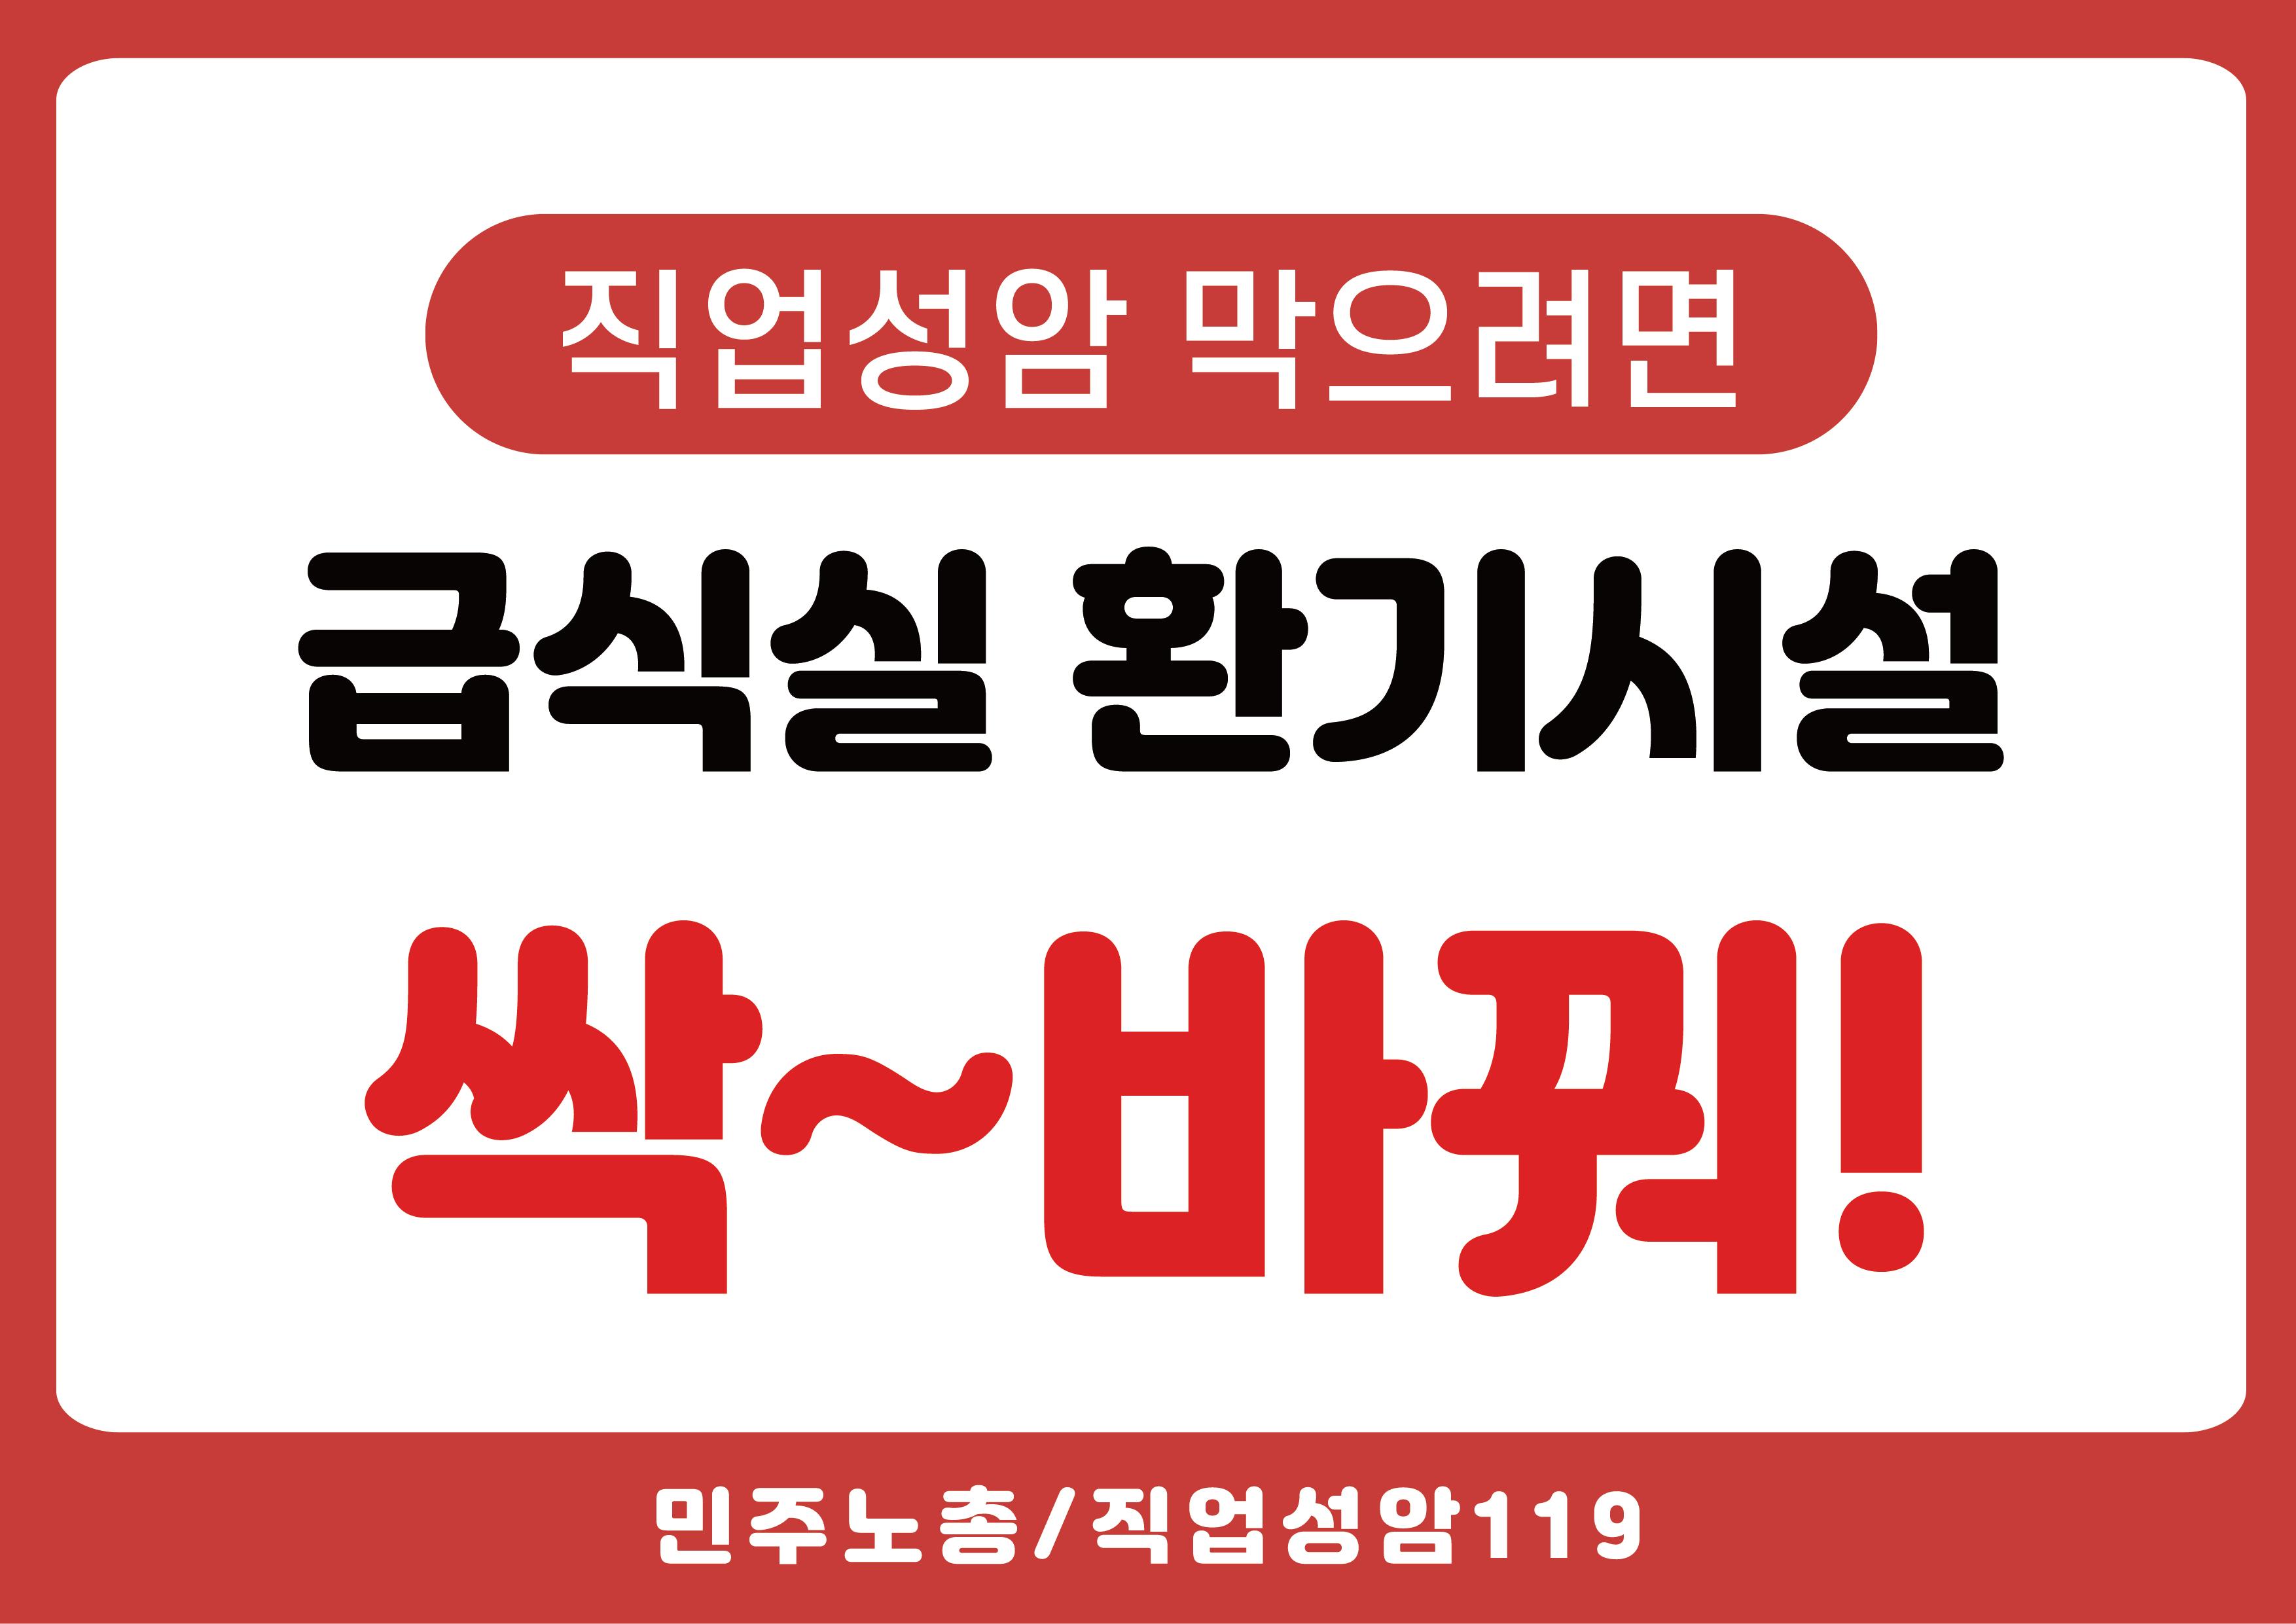 인증샷_급식실 환기시설 싹 바꿔_a4.png